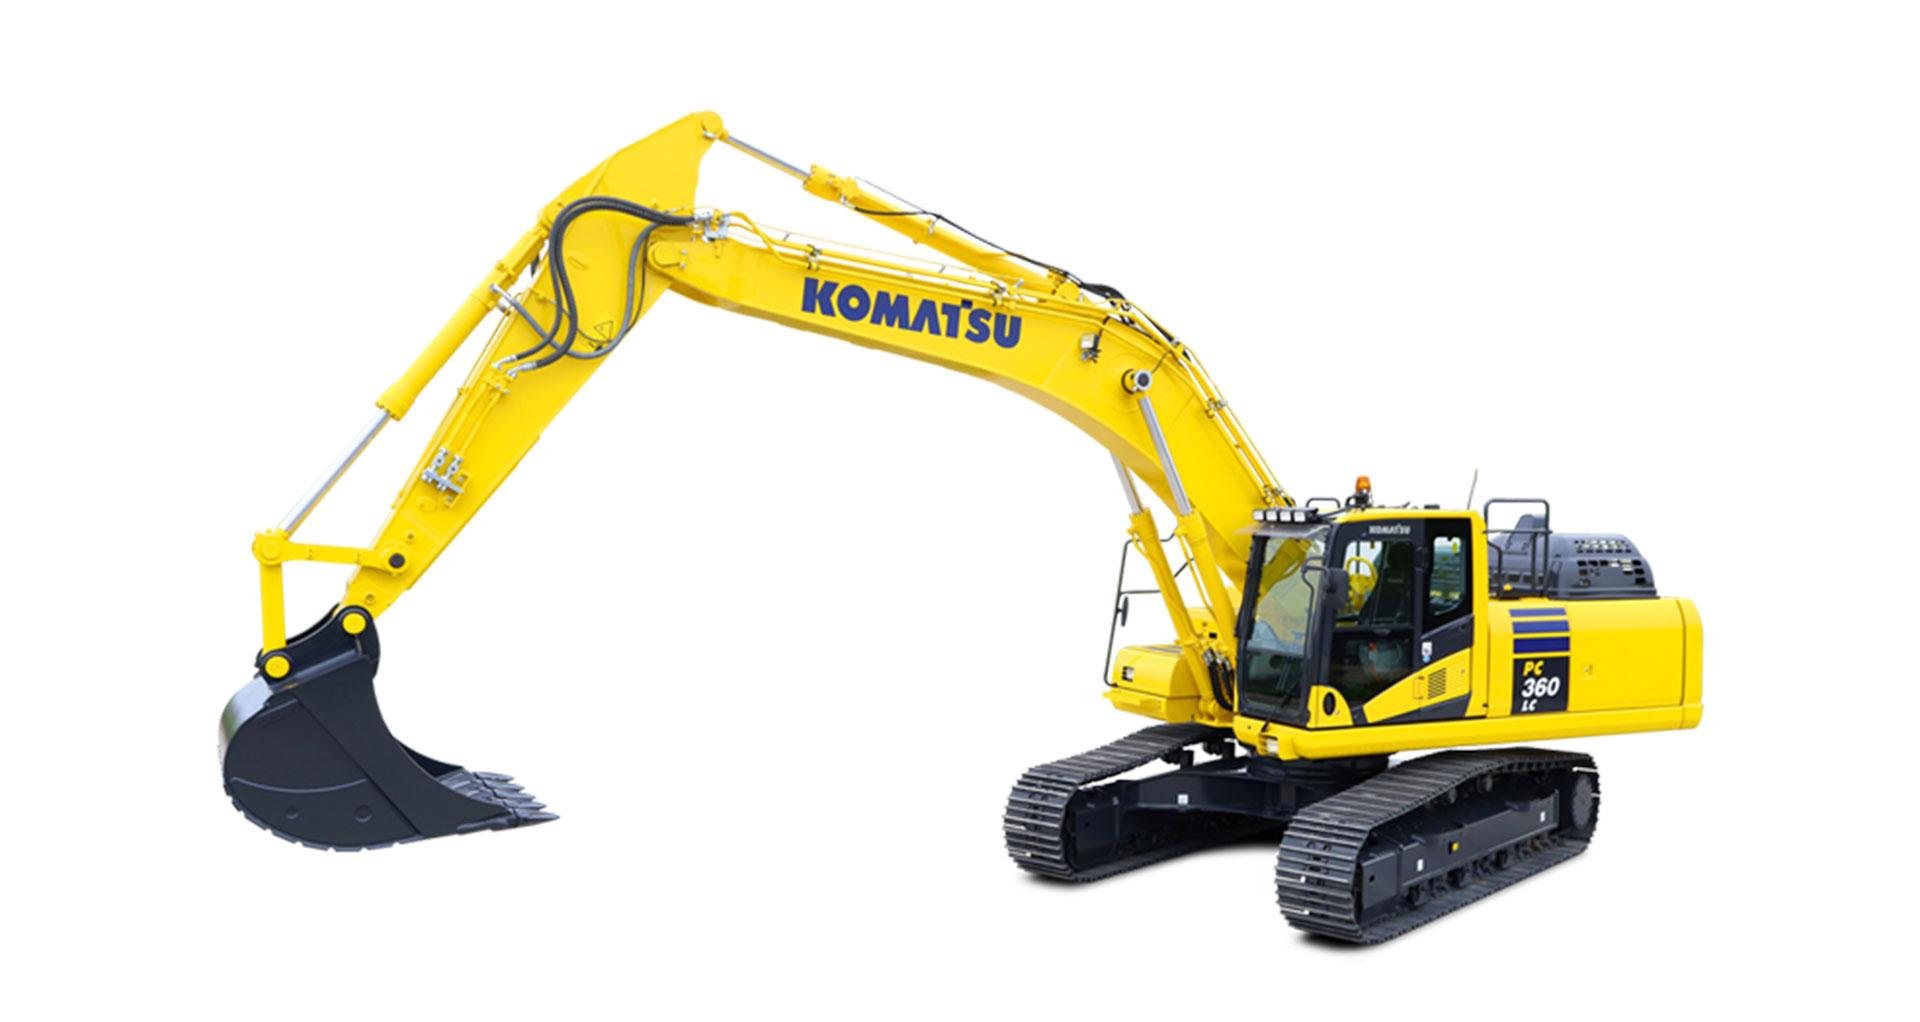 Escavatore cingolato Komatsu PC360LC/NLC-11